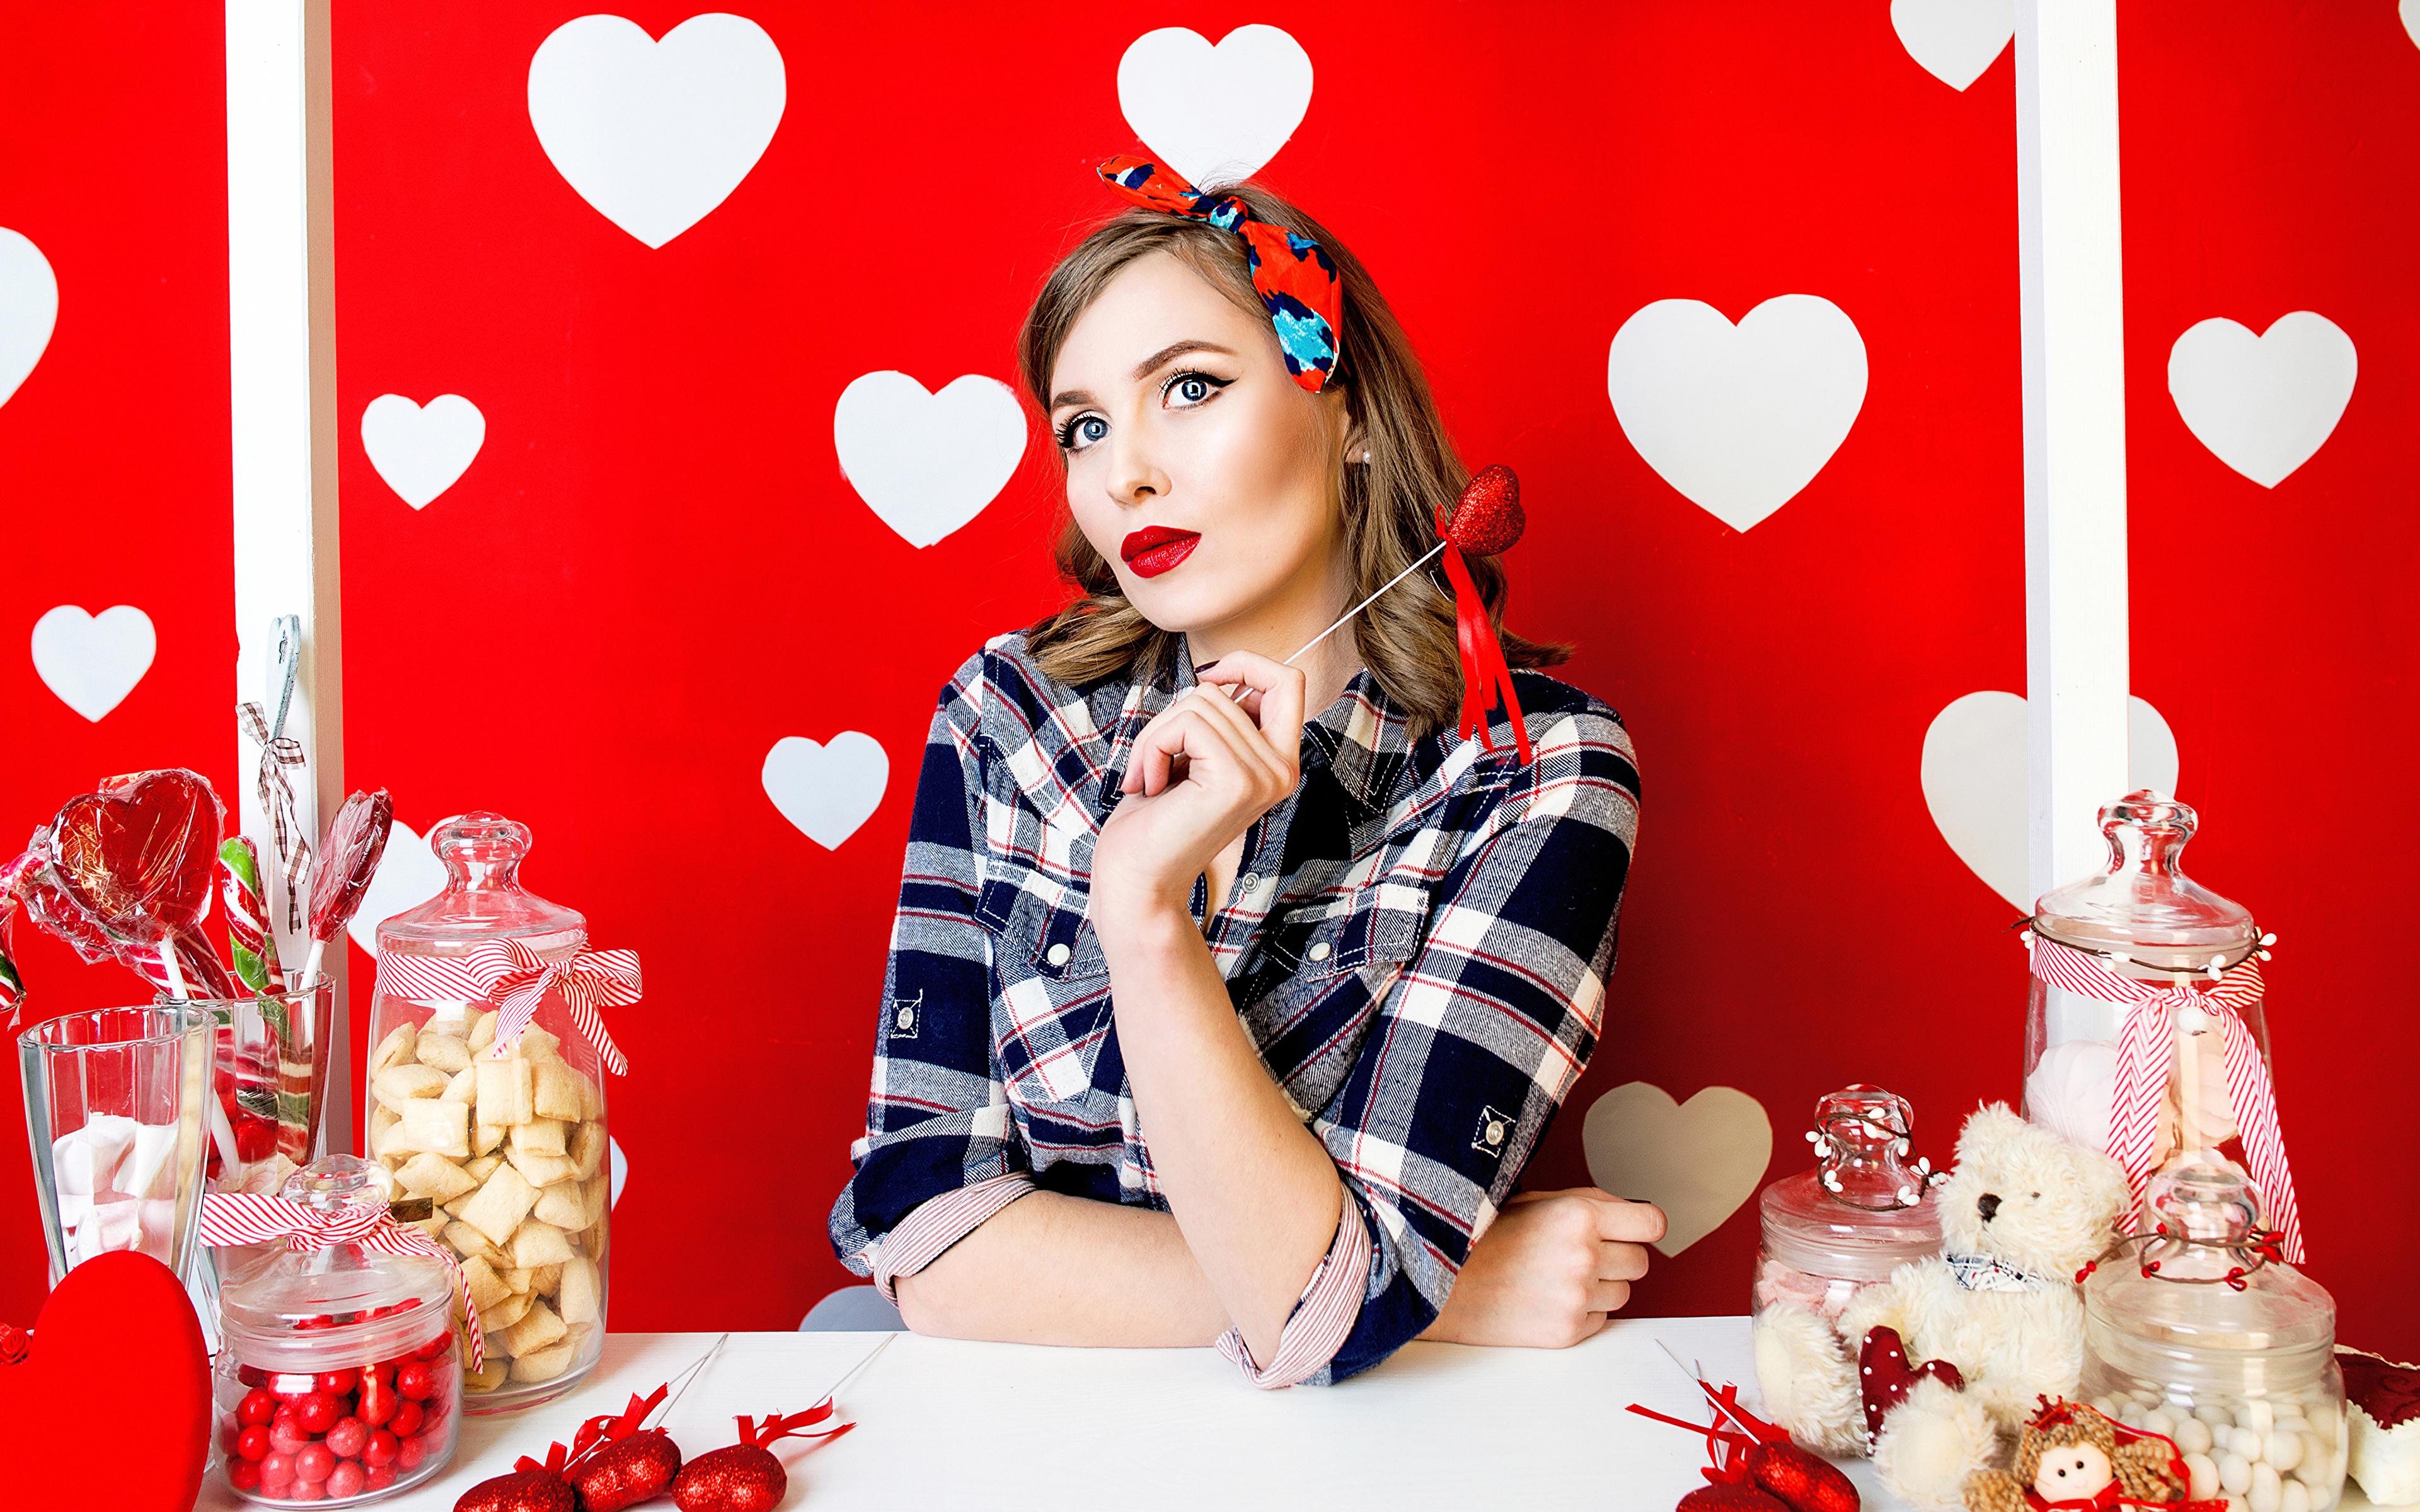 Фотография День святого Валентина шатенки Сердце Девушки сладкая еда 3840x2400 День всех влюблённых Шатенка серце сердца сердечко девушка молодые женщины молодая женщина Сладости